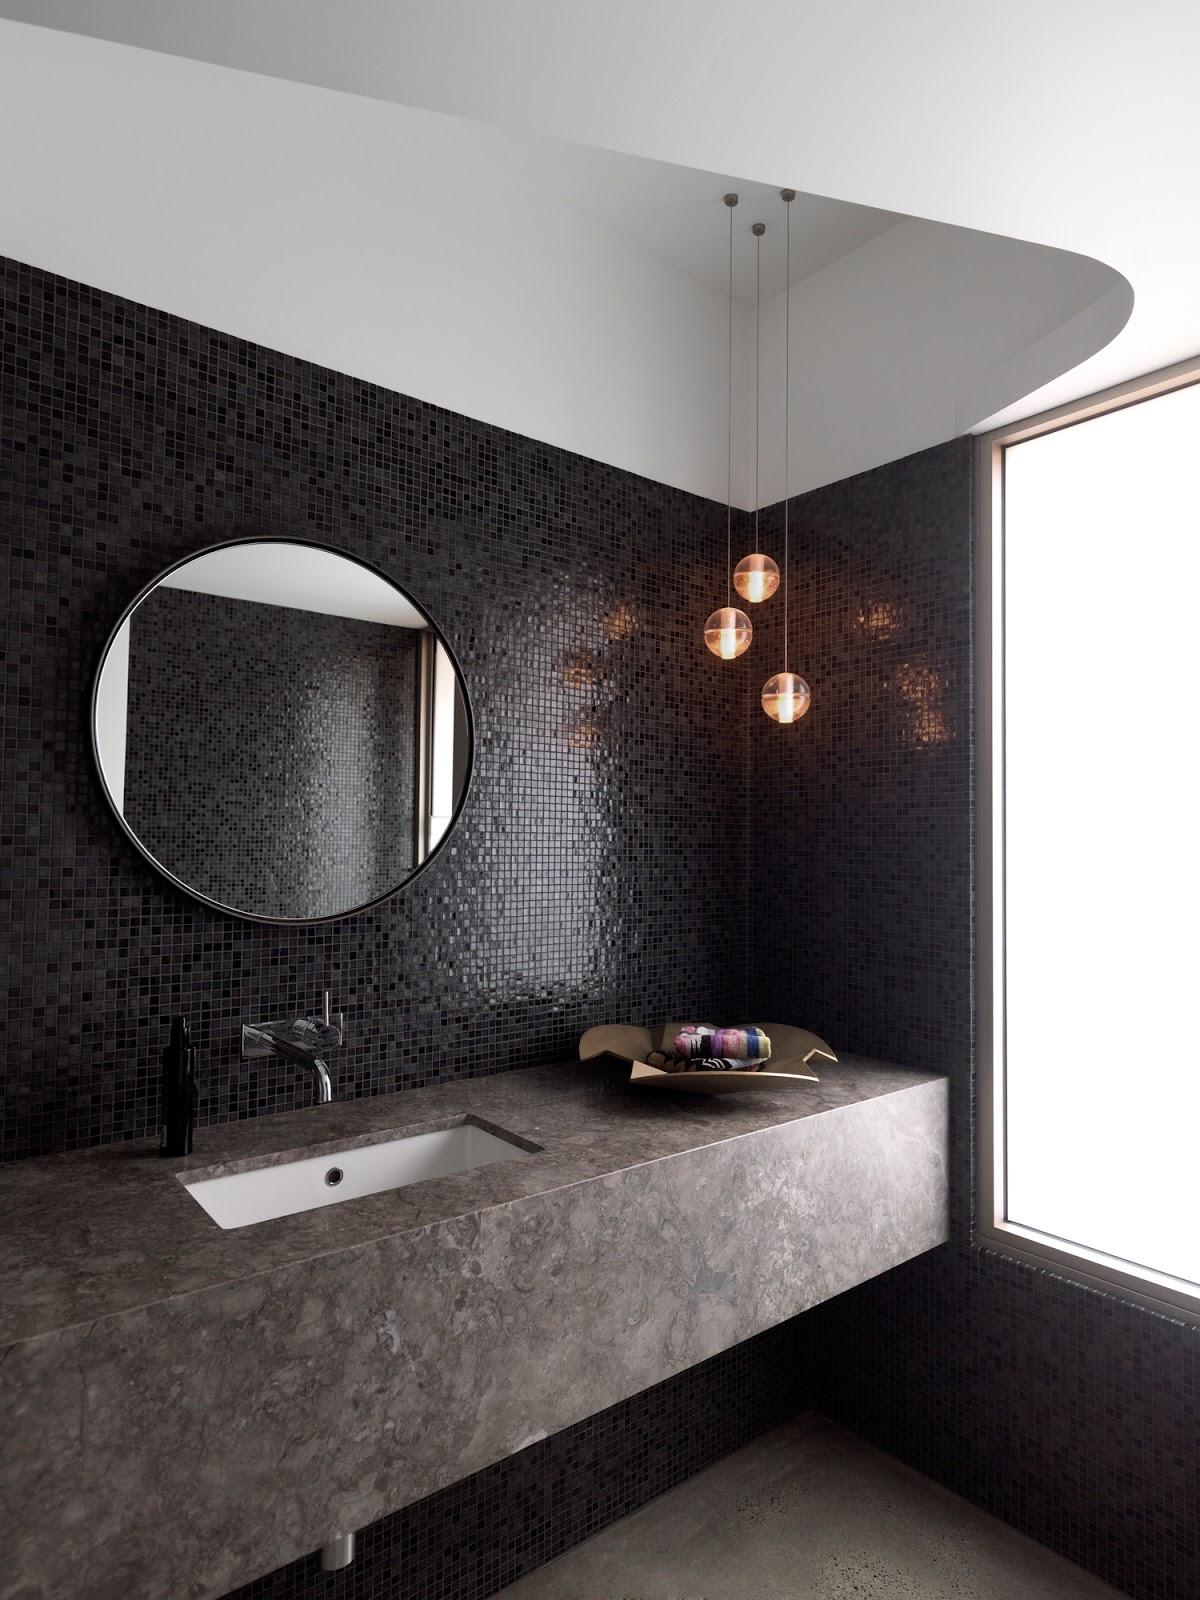 Black Mosaic Bathroom Mirrorsto da loos feature wall ideas for round mirrors